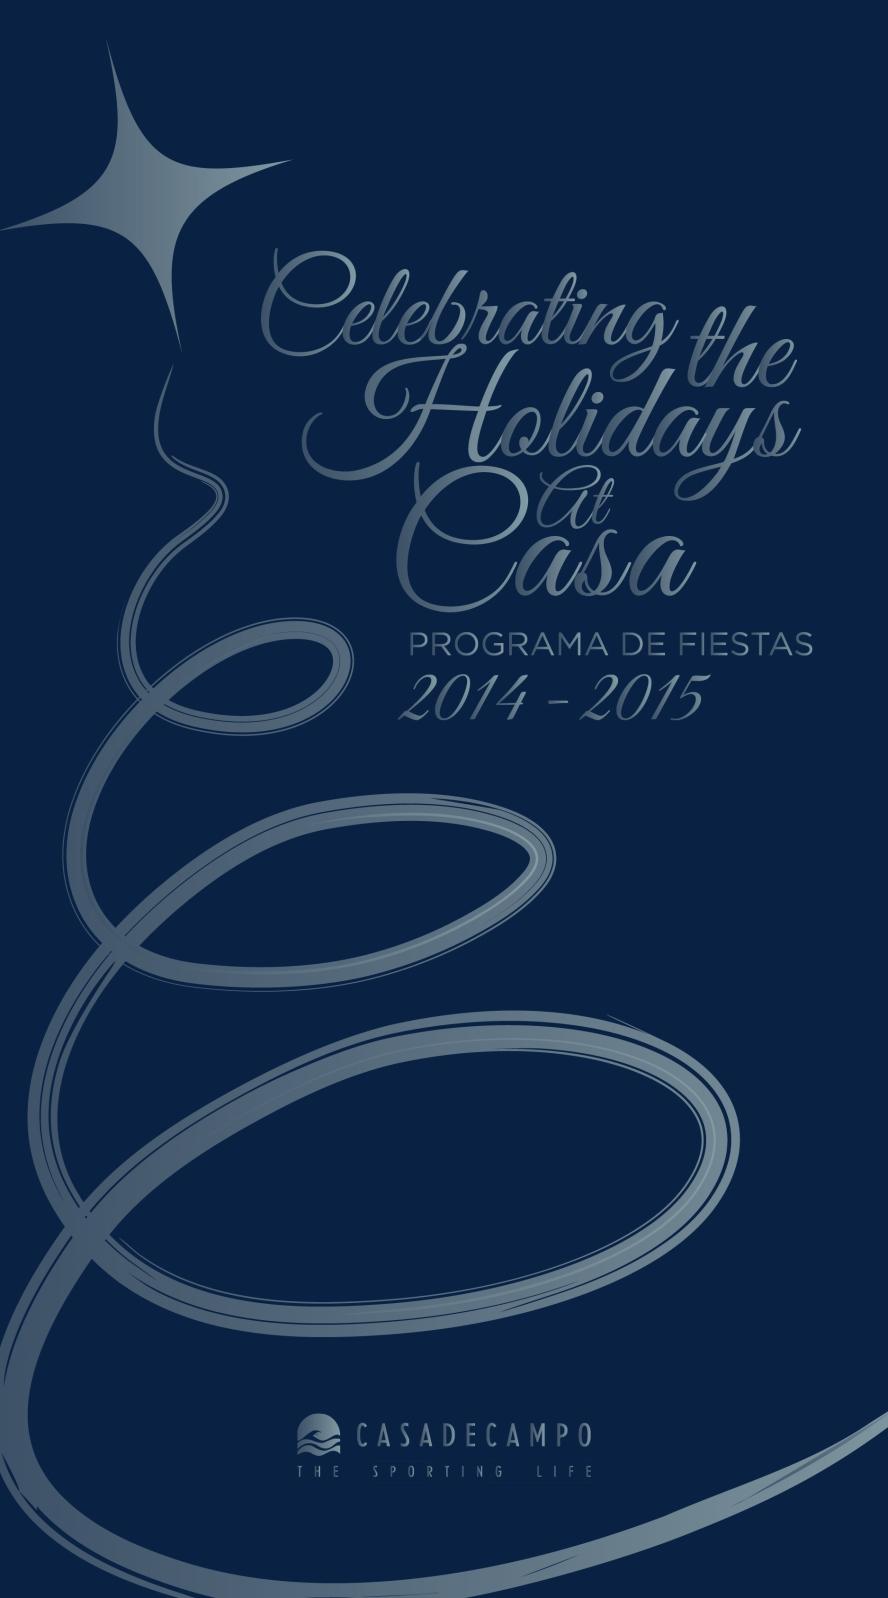 CASA DE CAMPO_holiday program 2014-01